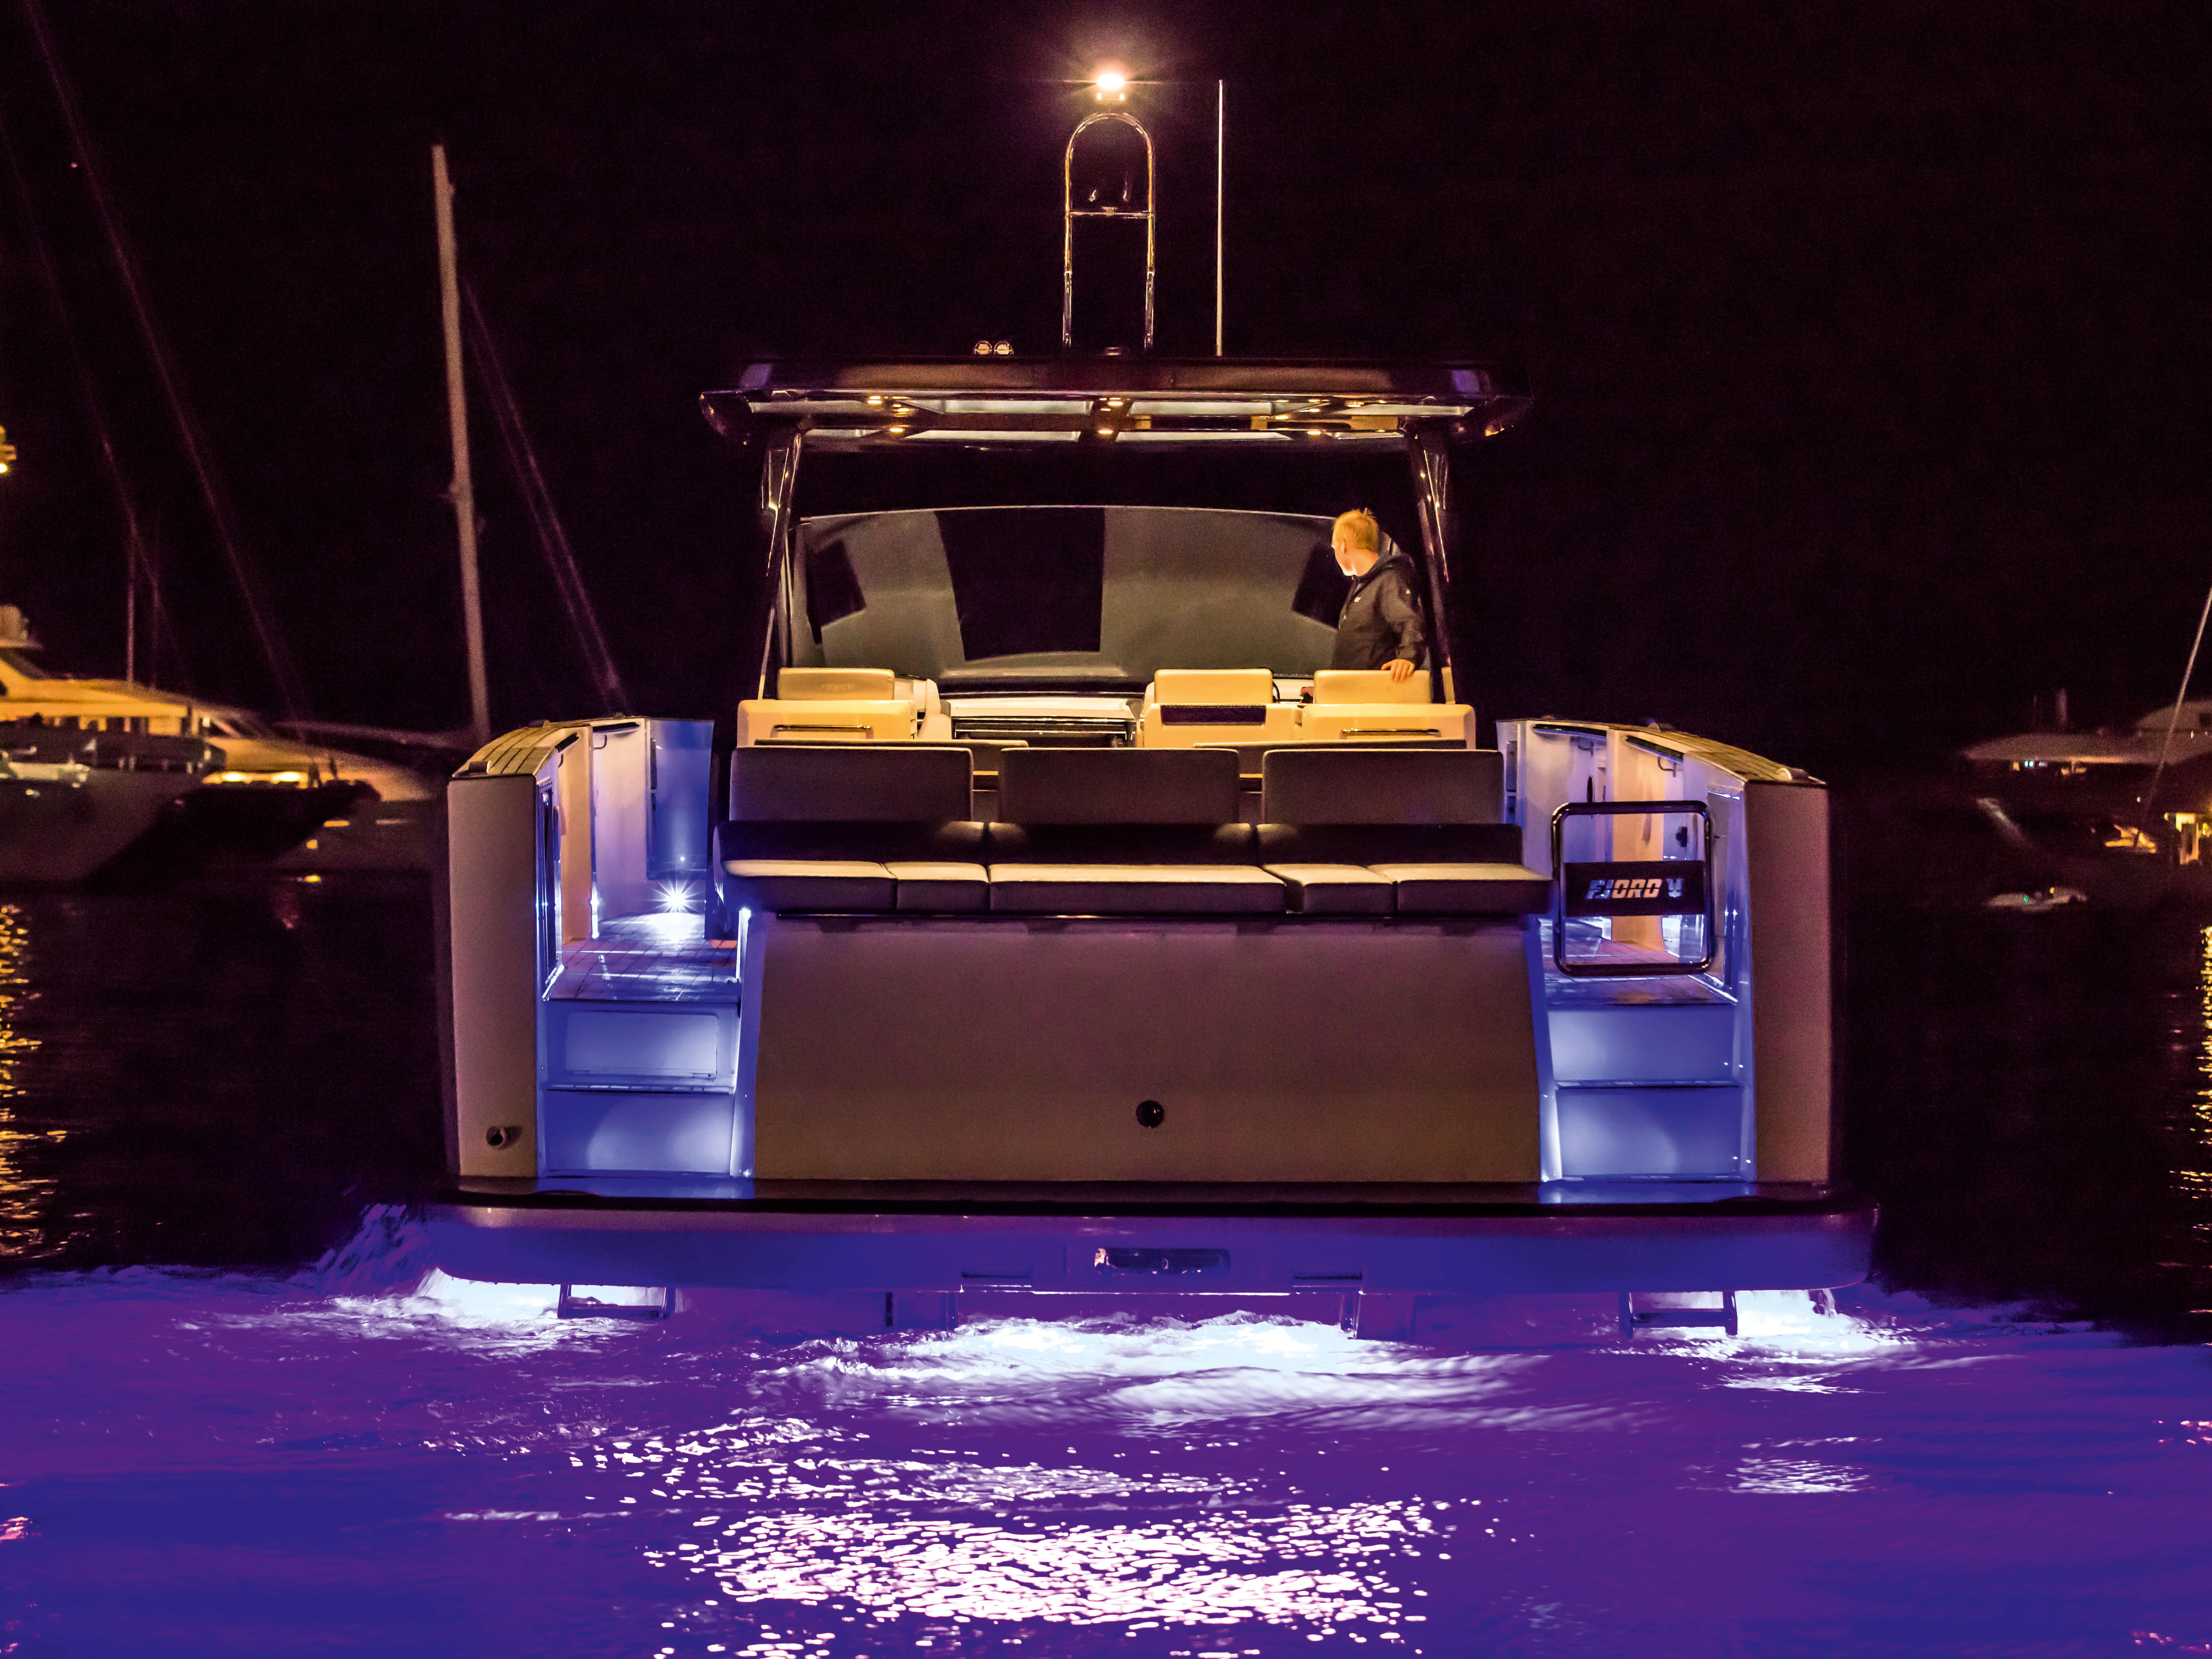 Fjord 48 open Exterior at anchor | bathing platform, aft sunbed, courtesy lights at bulwark, underwater lights | Fjord